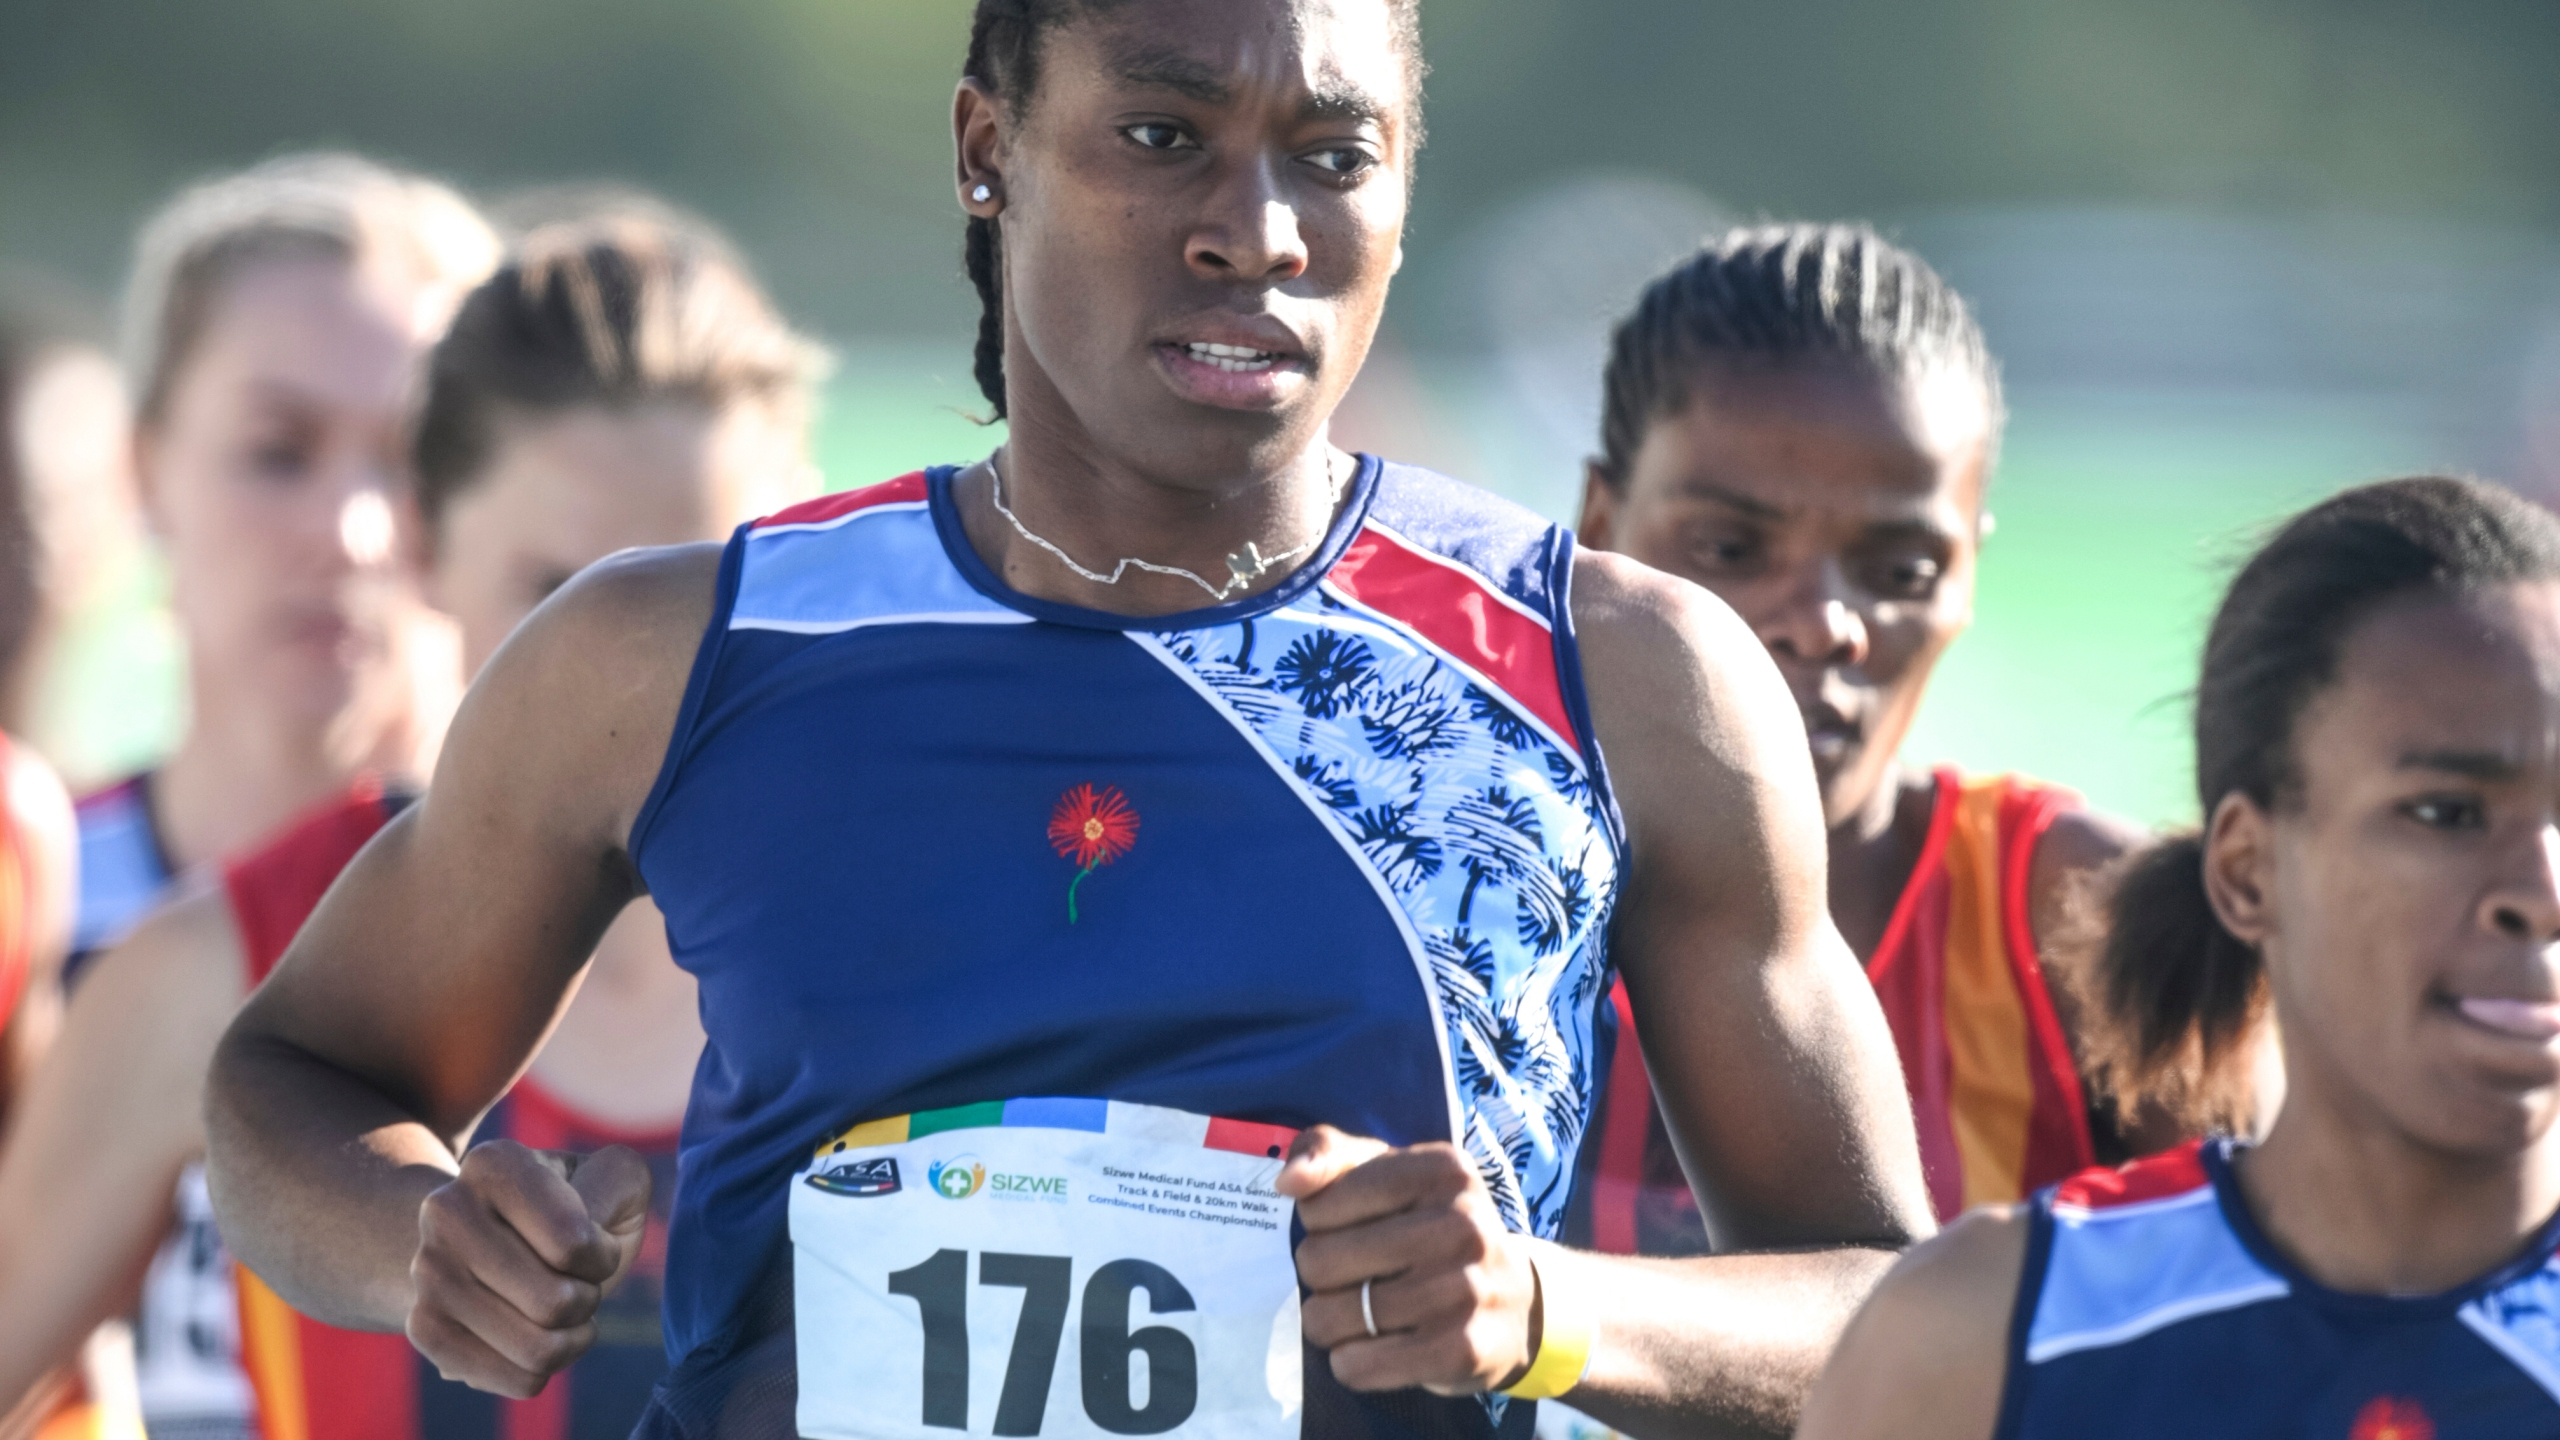 Caster Semenya